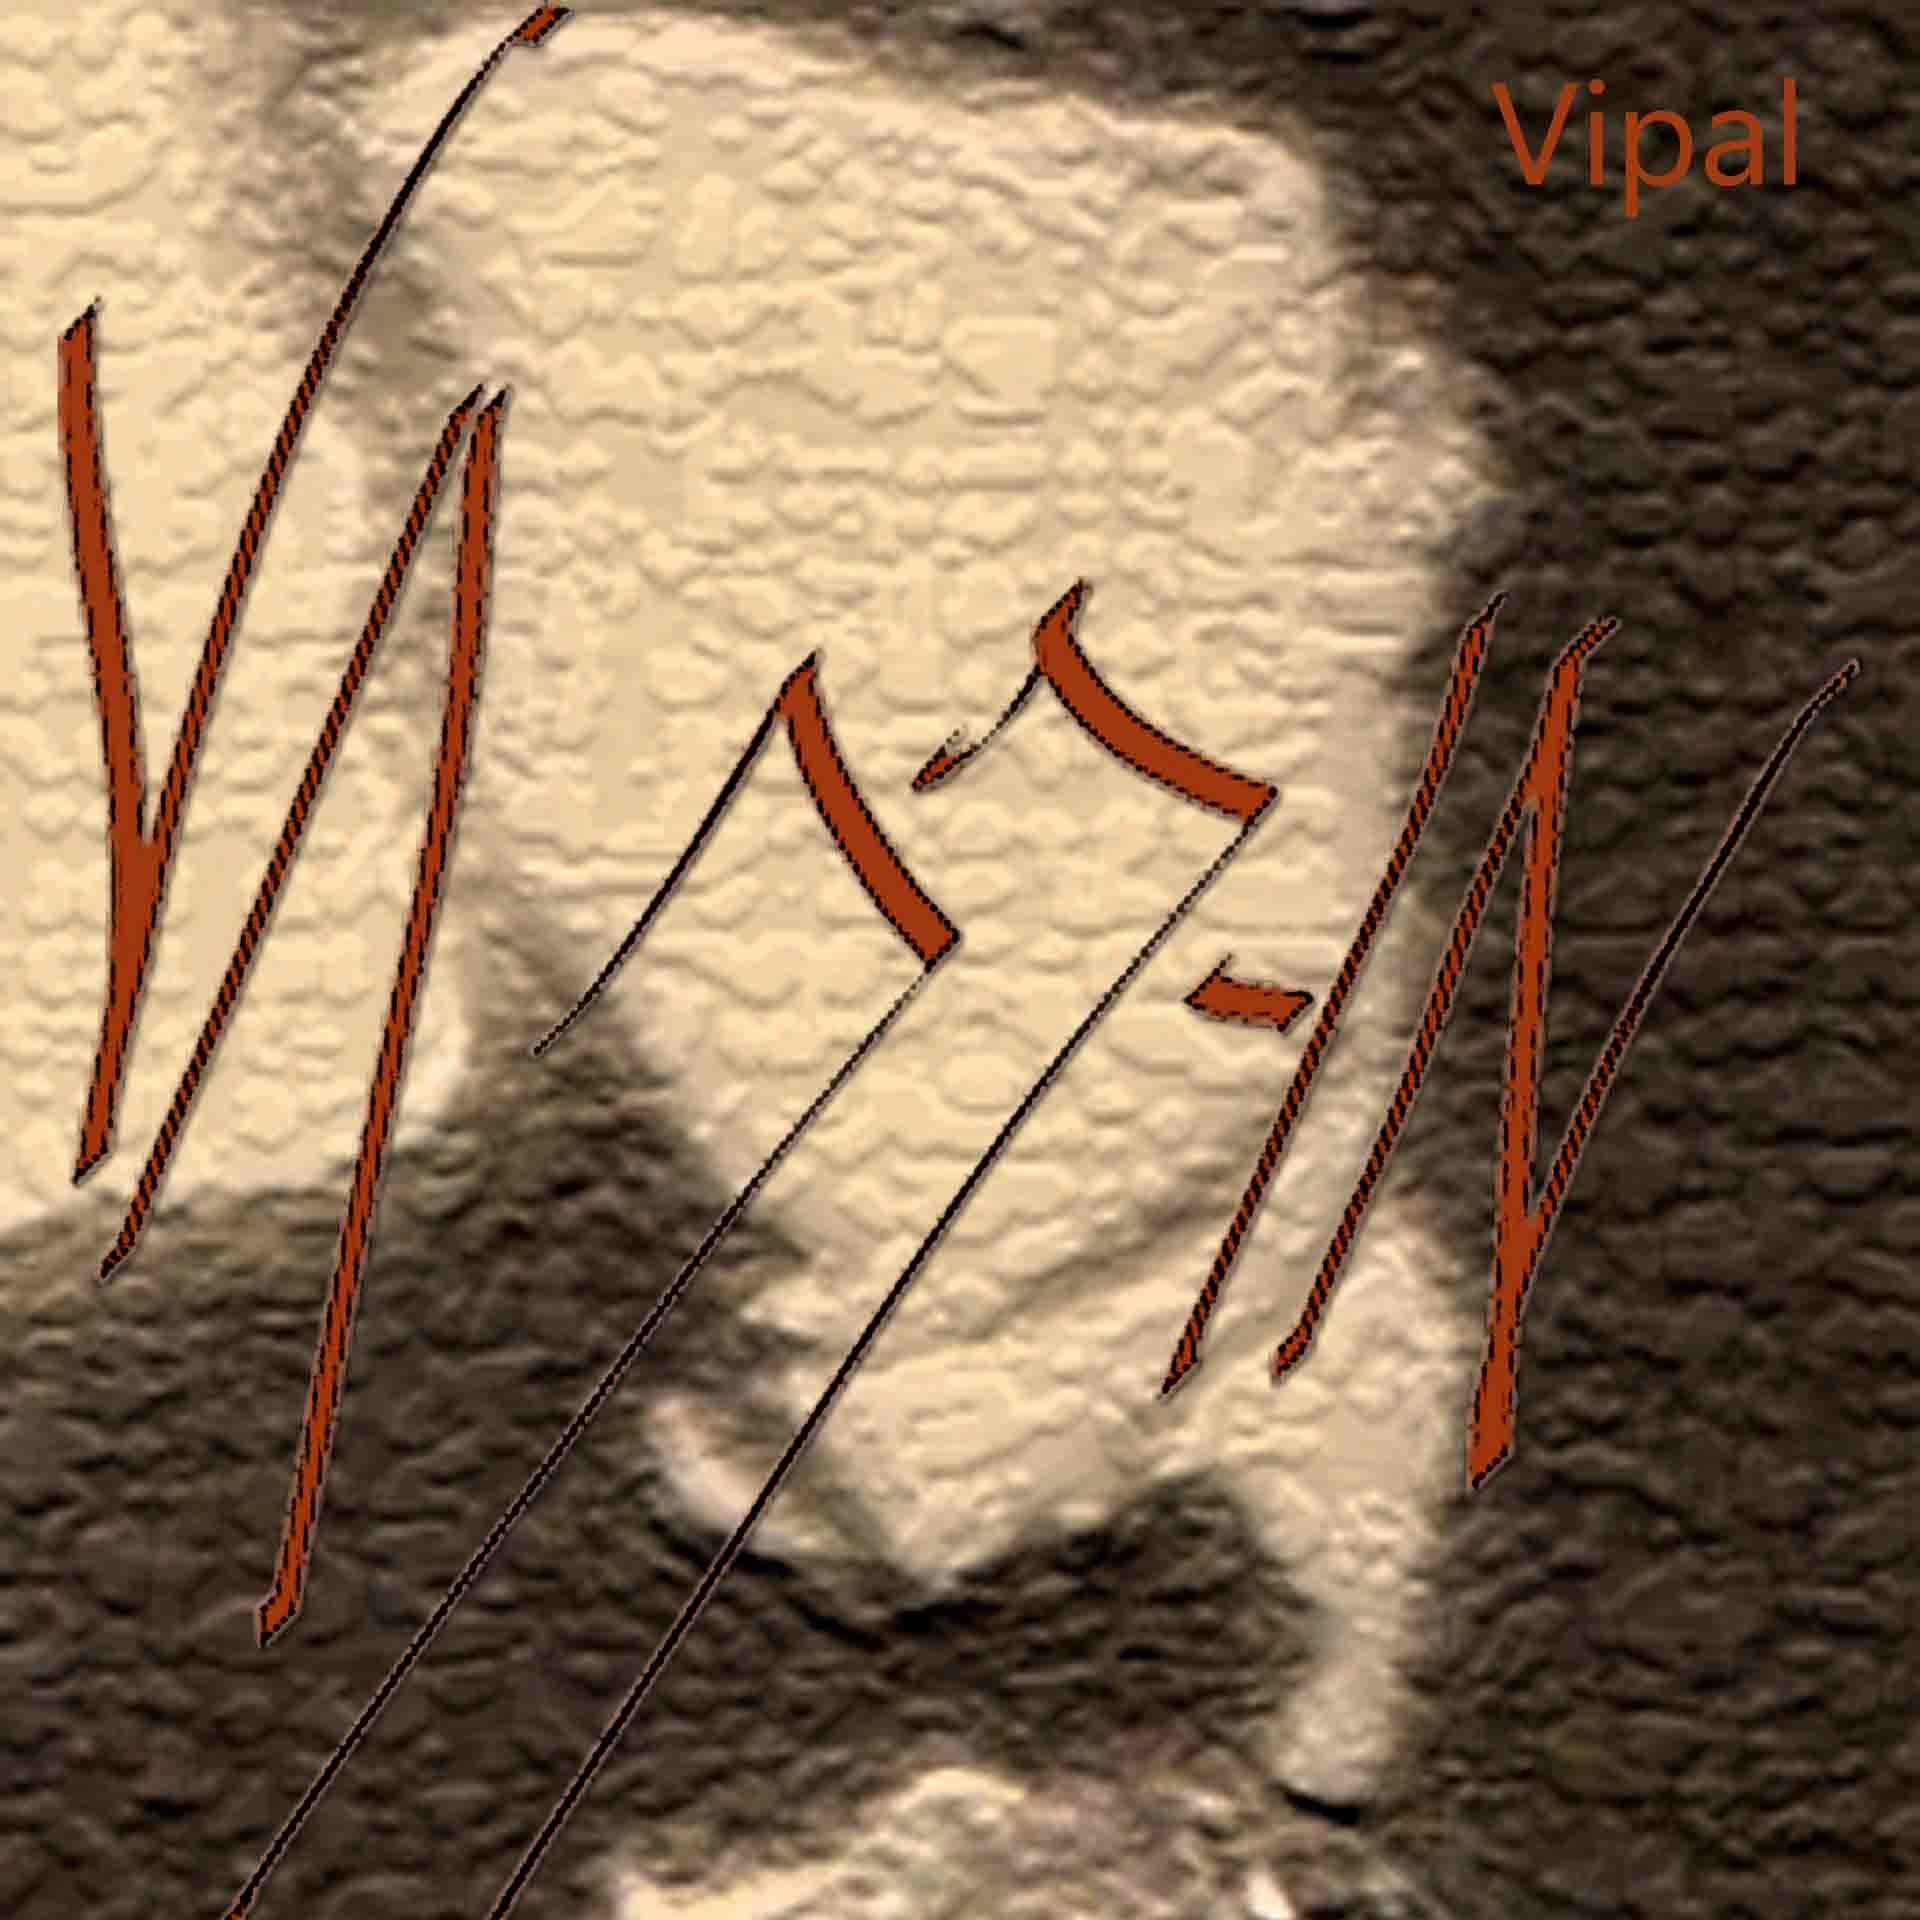 Vagg-in musica per meditazione trance Vipal Antonio Gianfranco Gualdi